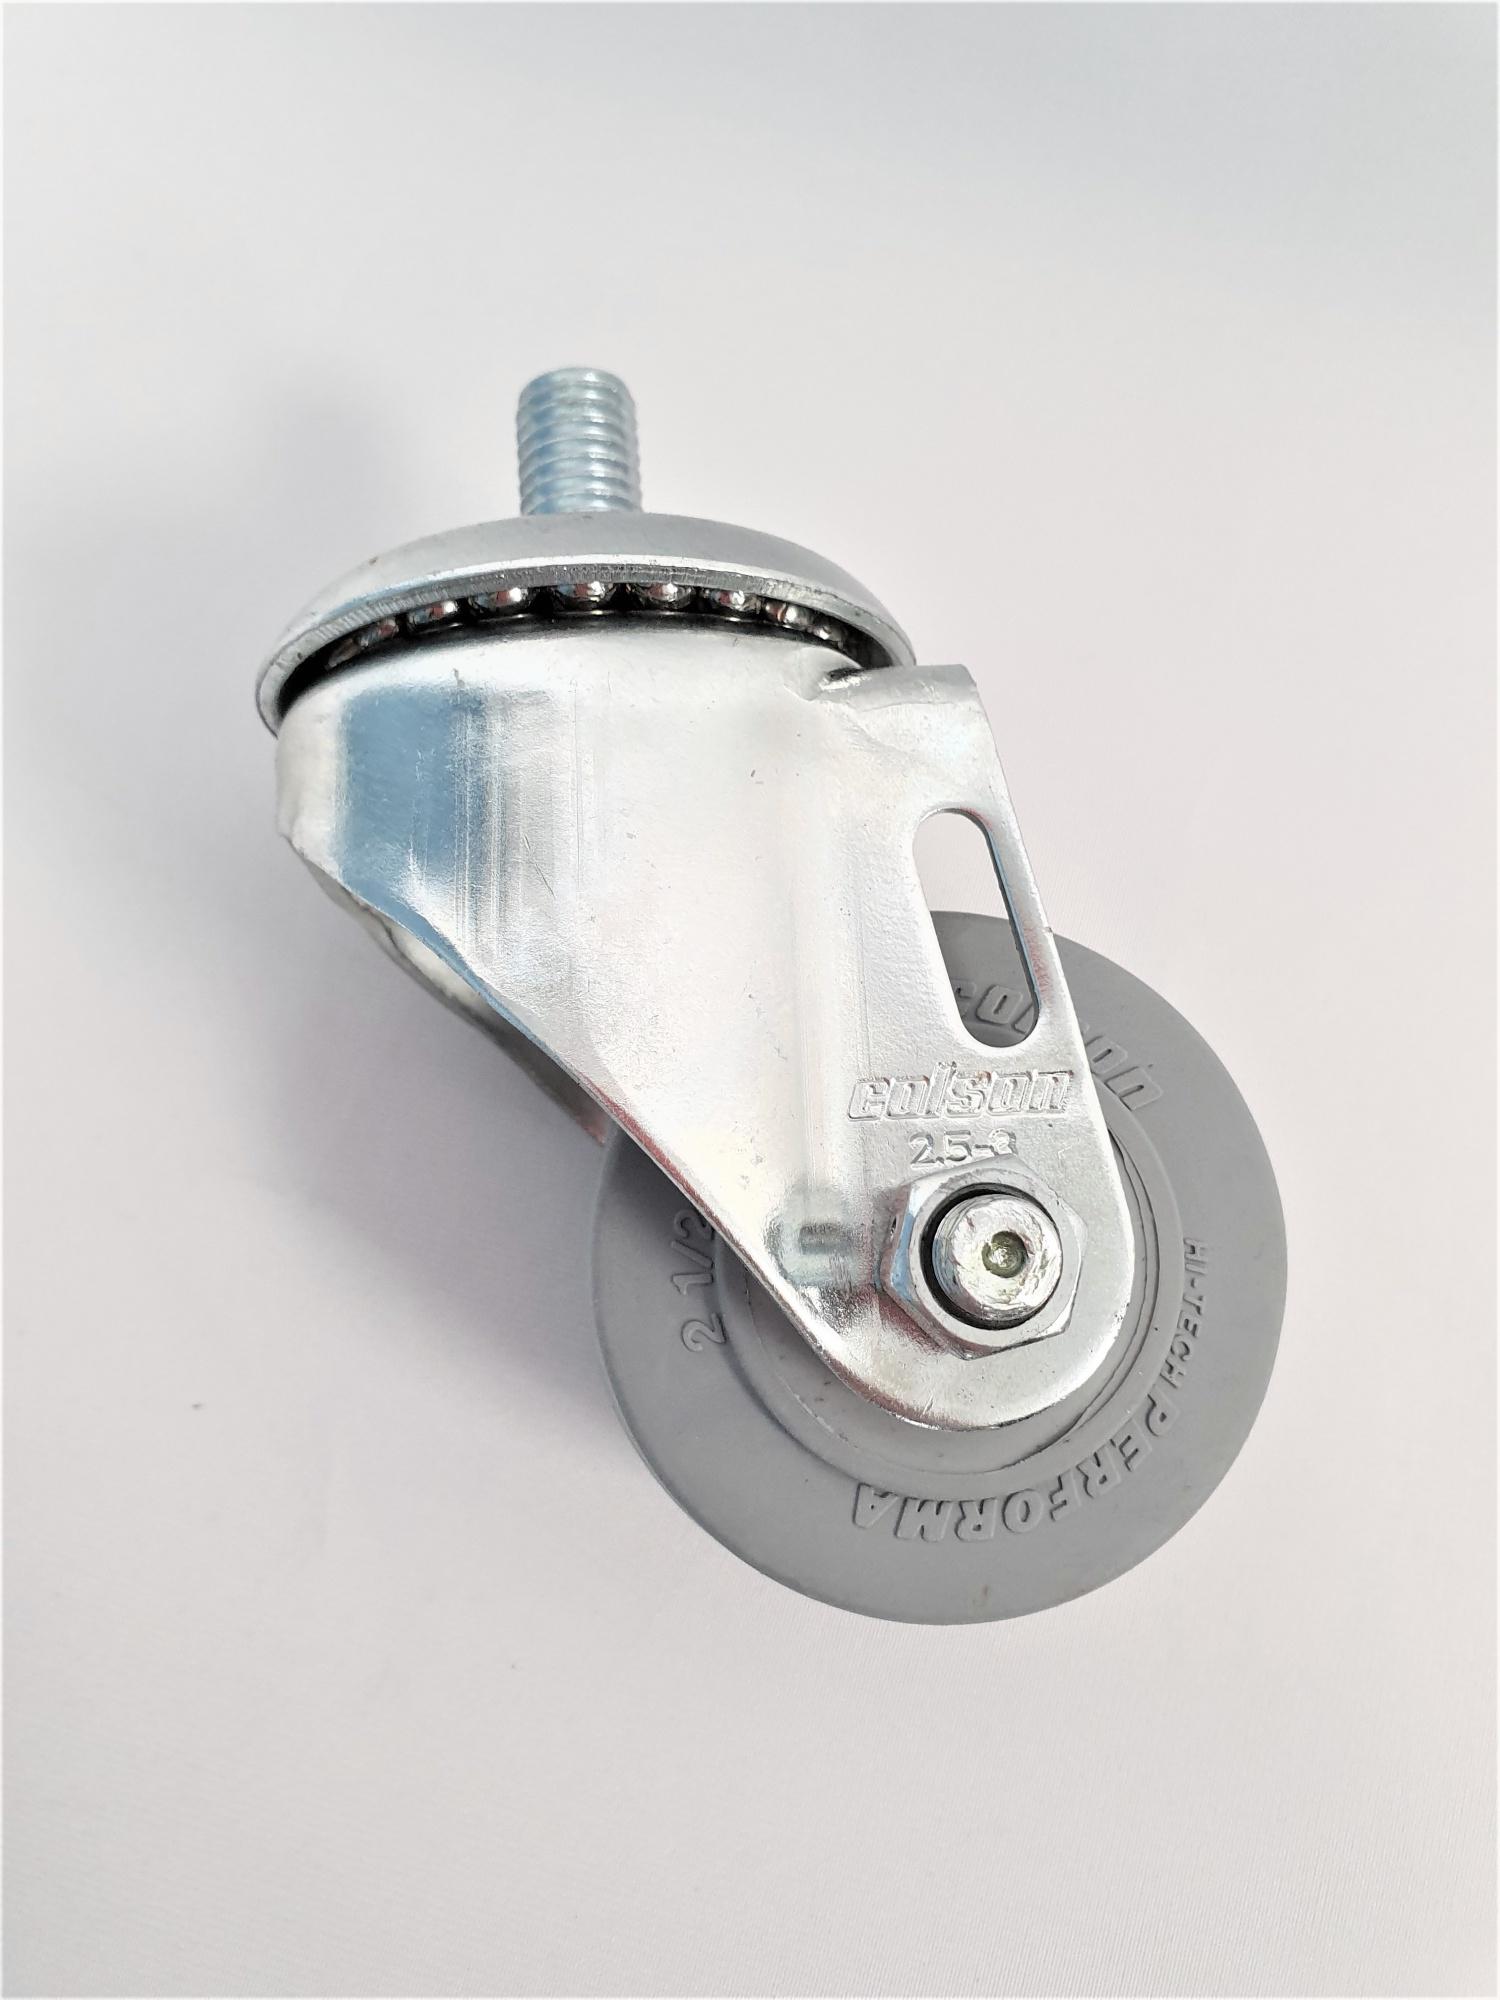 Roulette de réglage suceur pour Autolaveuse TENNANT 7100 / 80